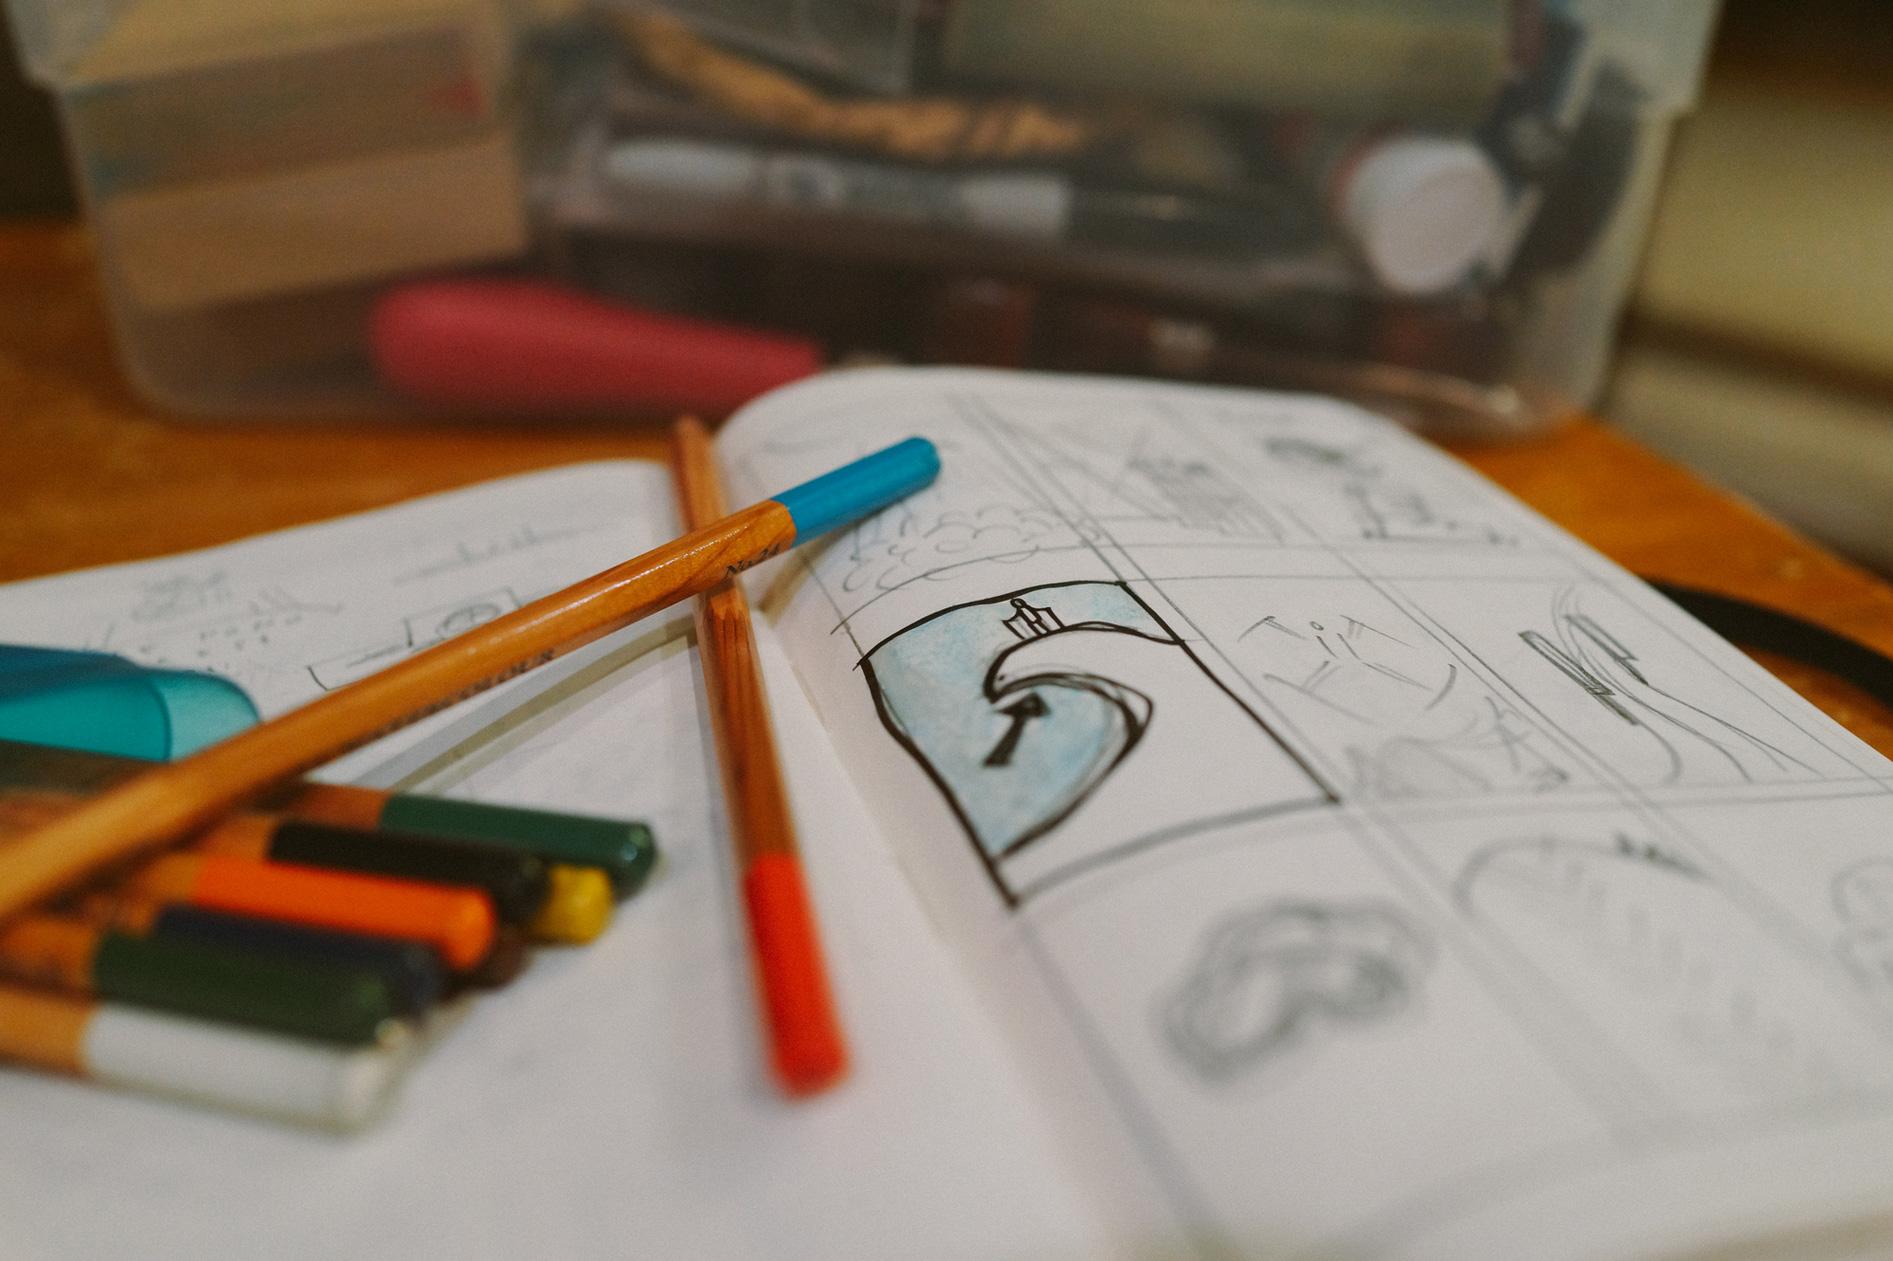 Seth sketchbook